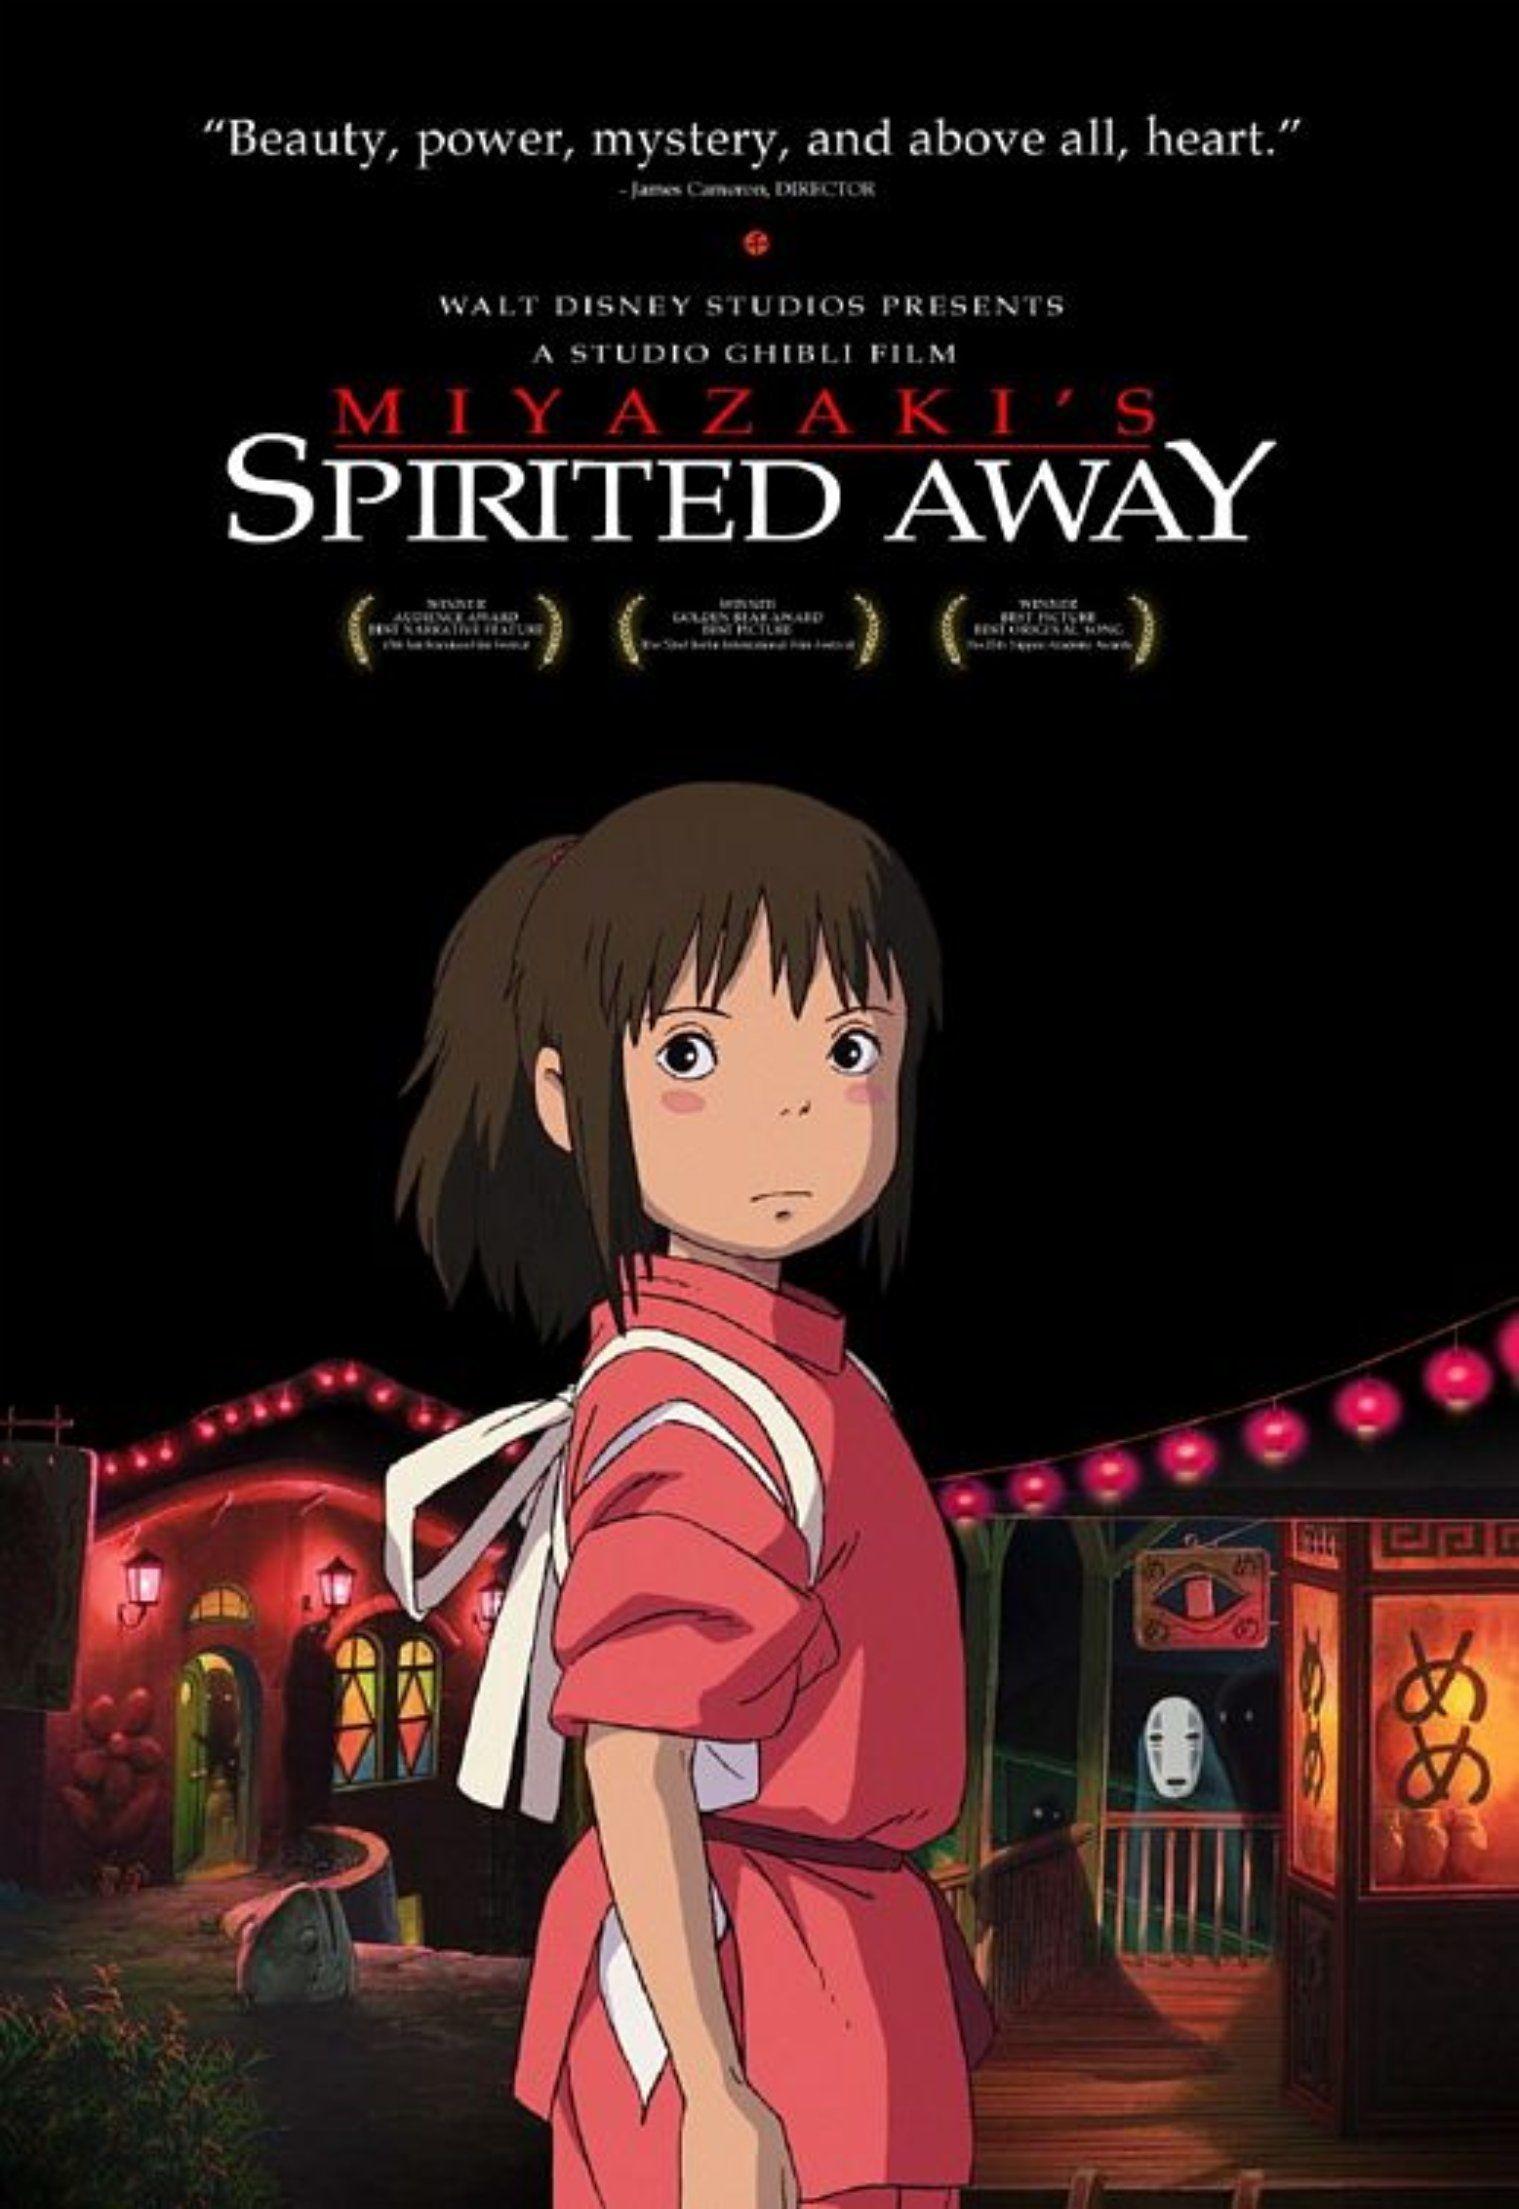 Hayao Miyazaki's Spirited Away